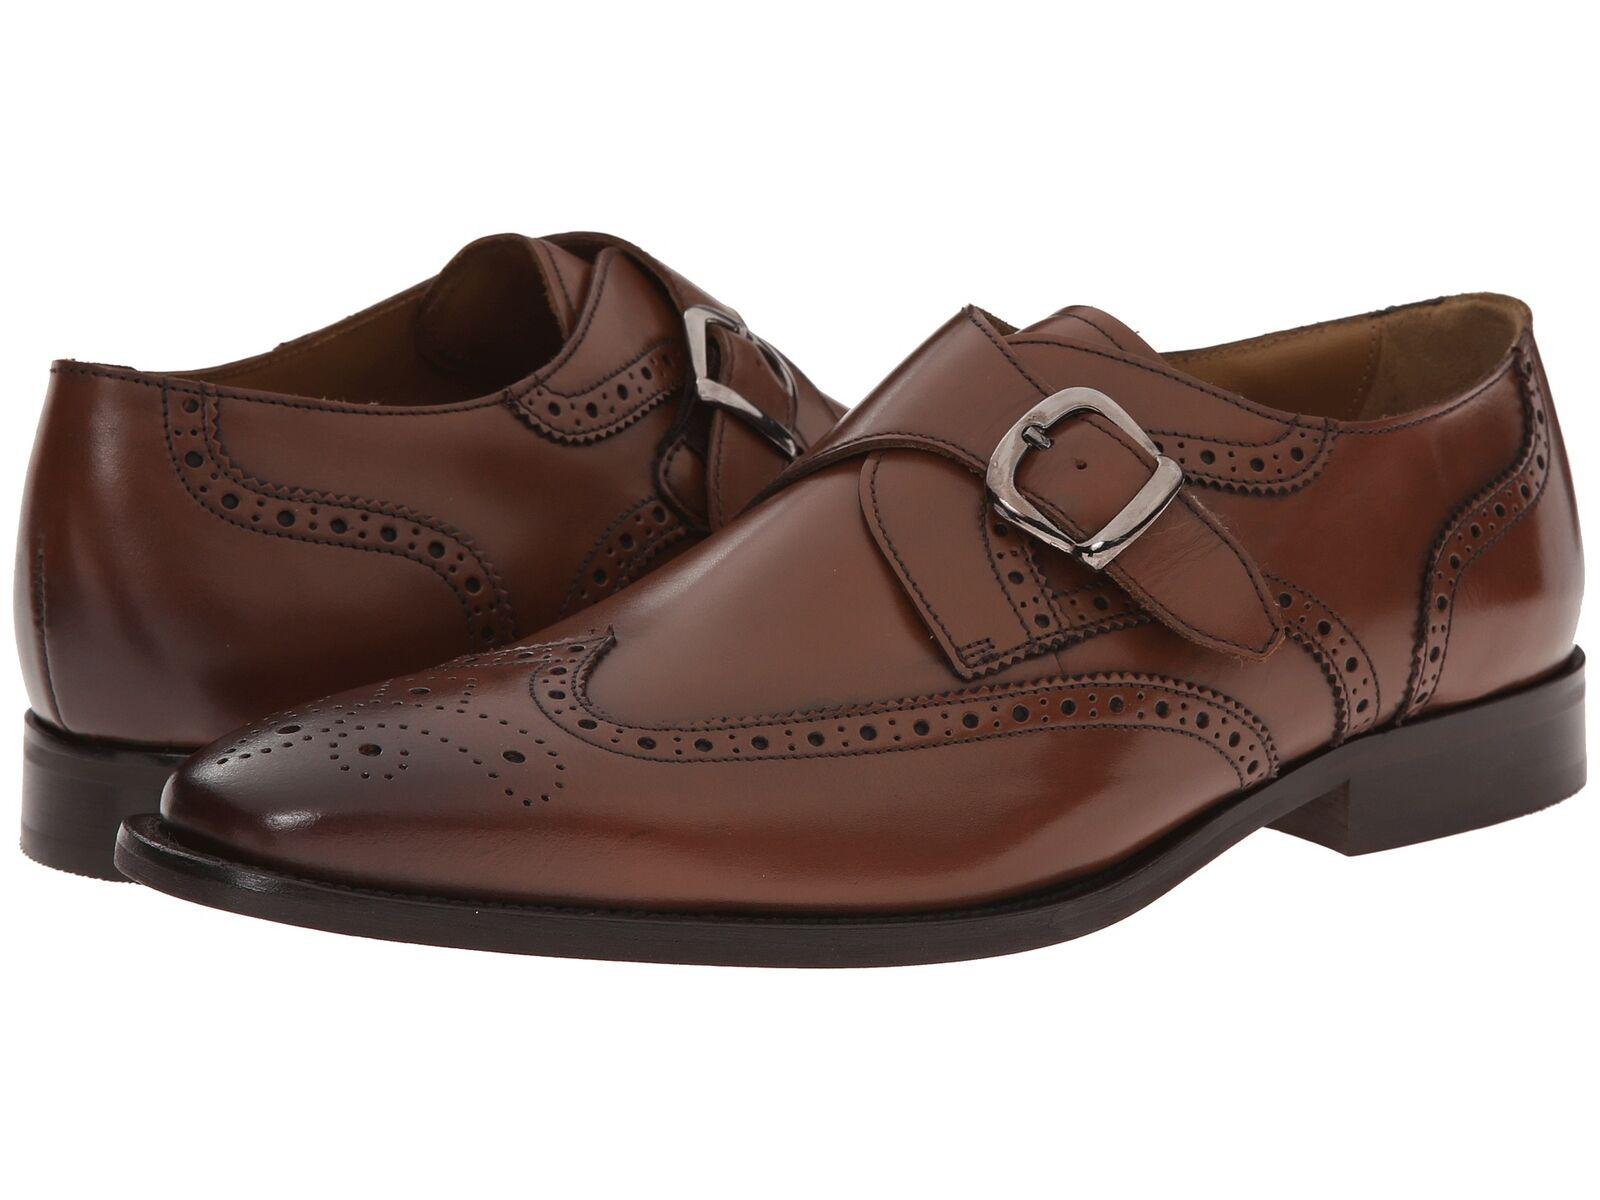 Florsheim Men's Sabato Wingtip Monk Cognac leather shoes 12127-221